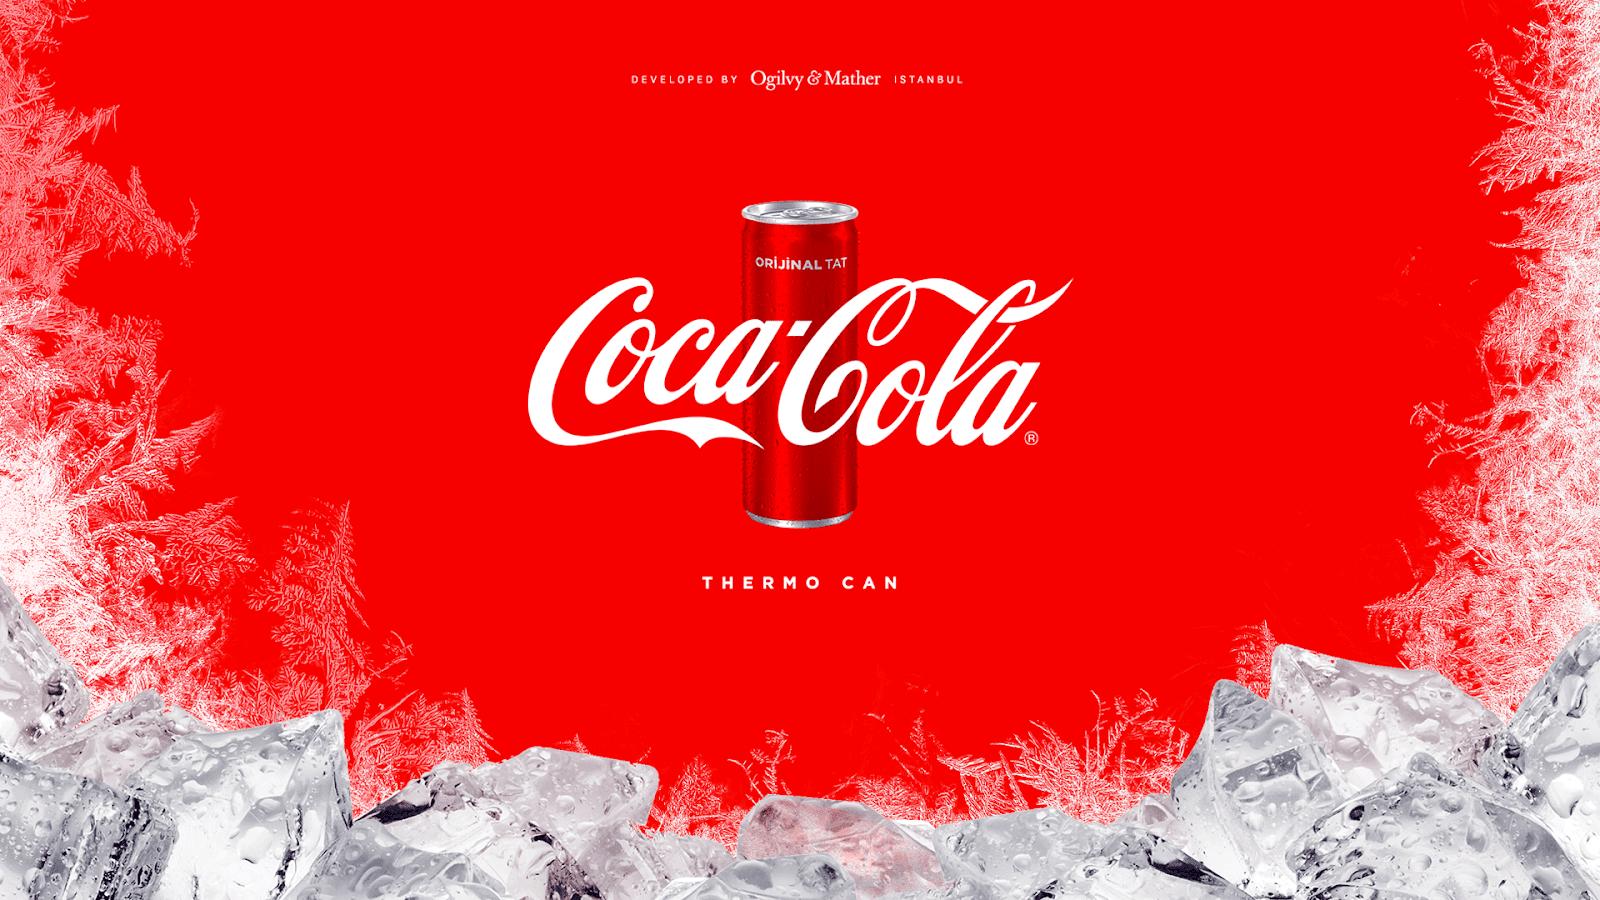 thermocans01 - Coca-Cola přináší vyletněné termo plechovky